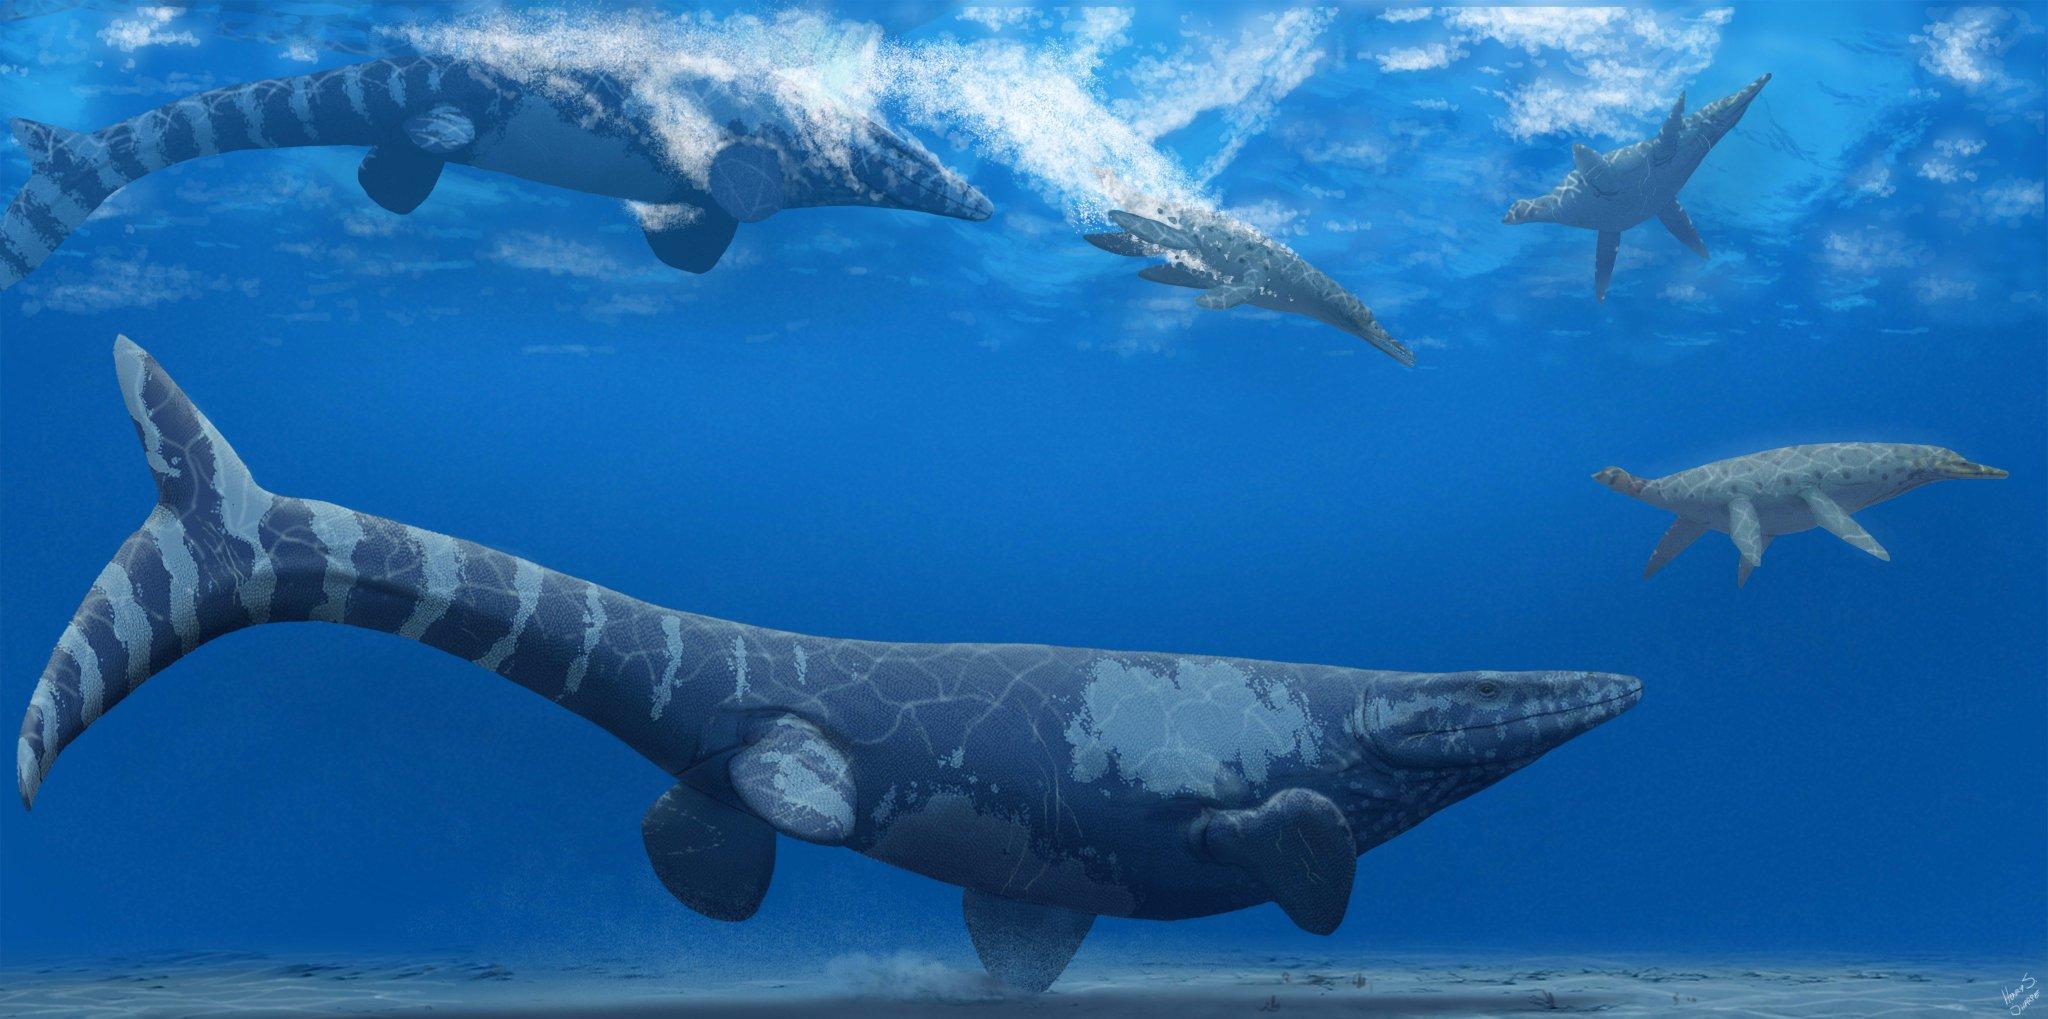 tylosaurus_pembinensis_trinacromerum_kirki_henry_sharpe.jpg